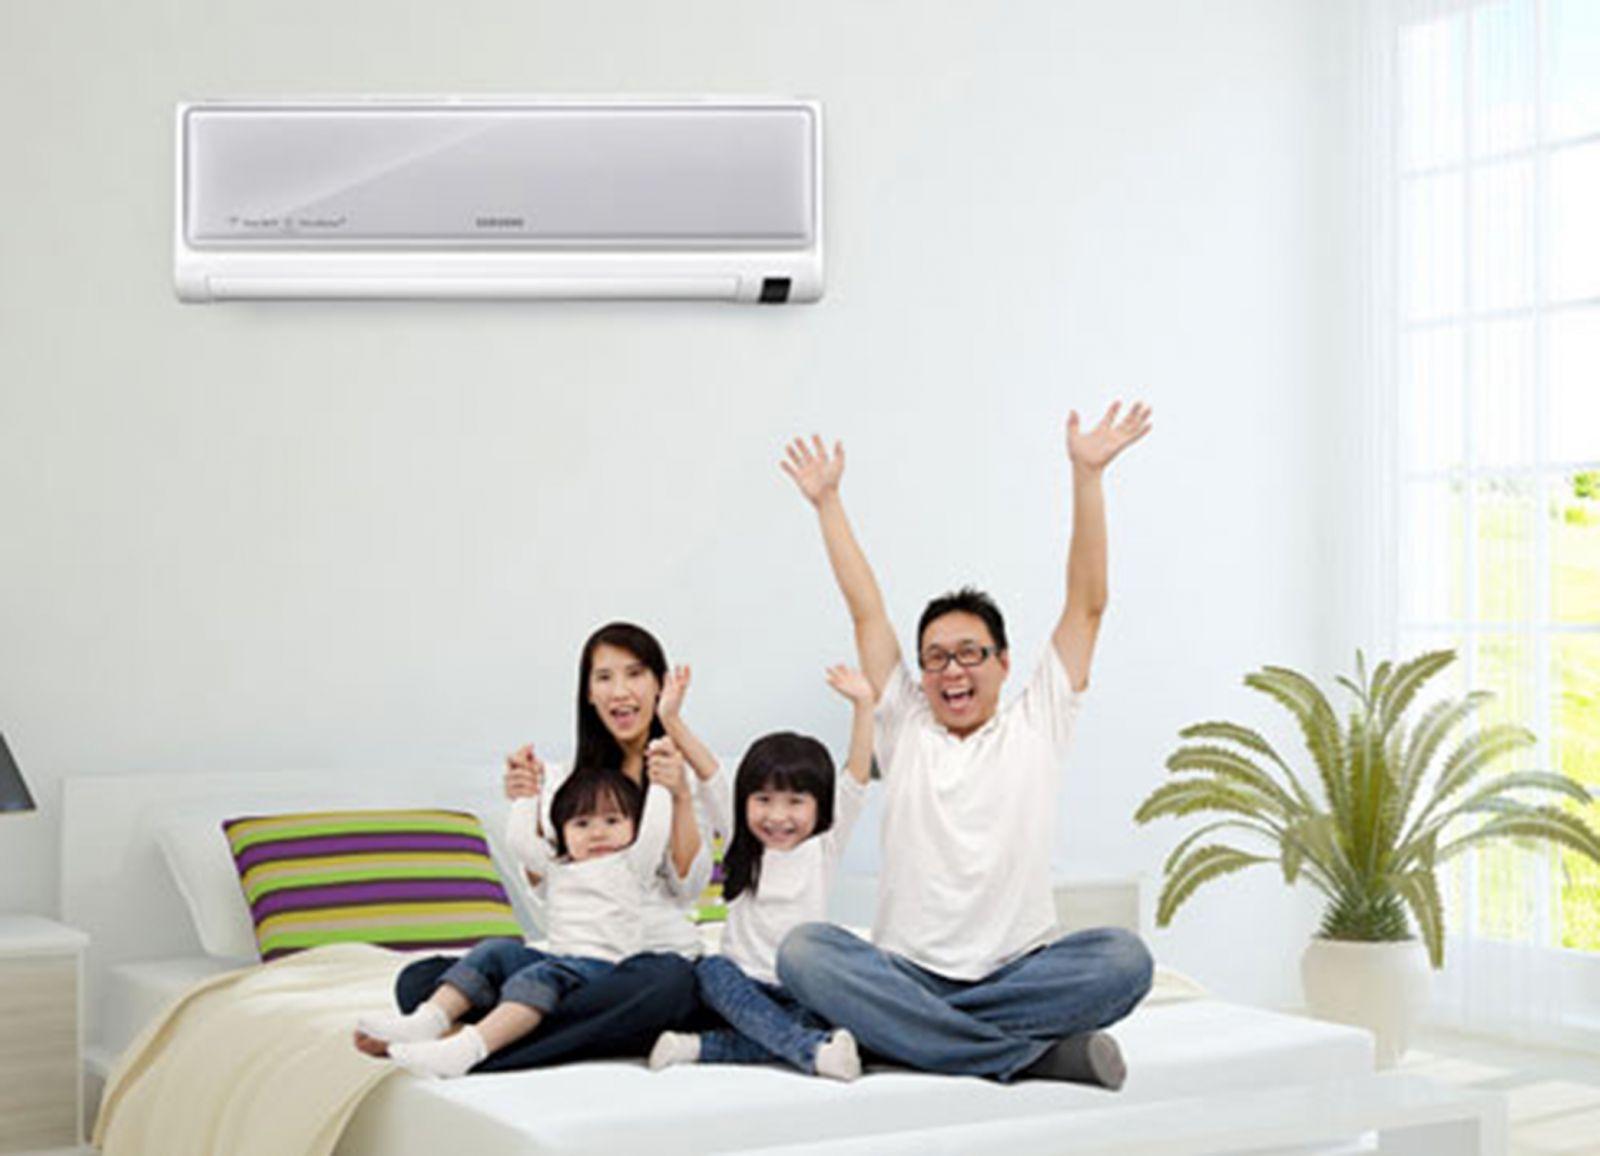 máy lạnh điều hòa lưu ý tránh bị đánh cắp tiền điện